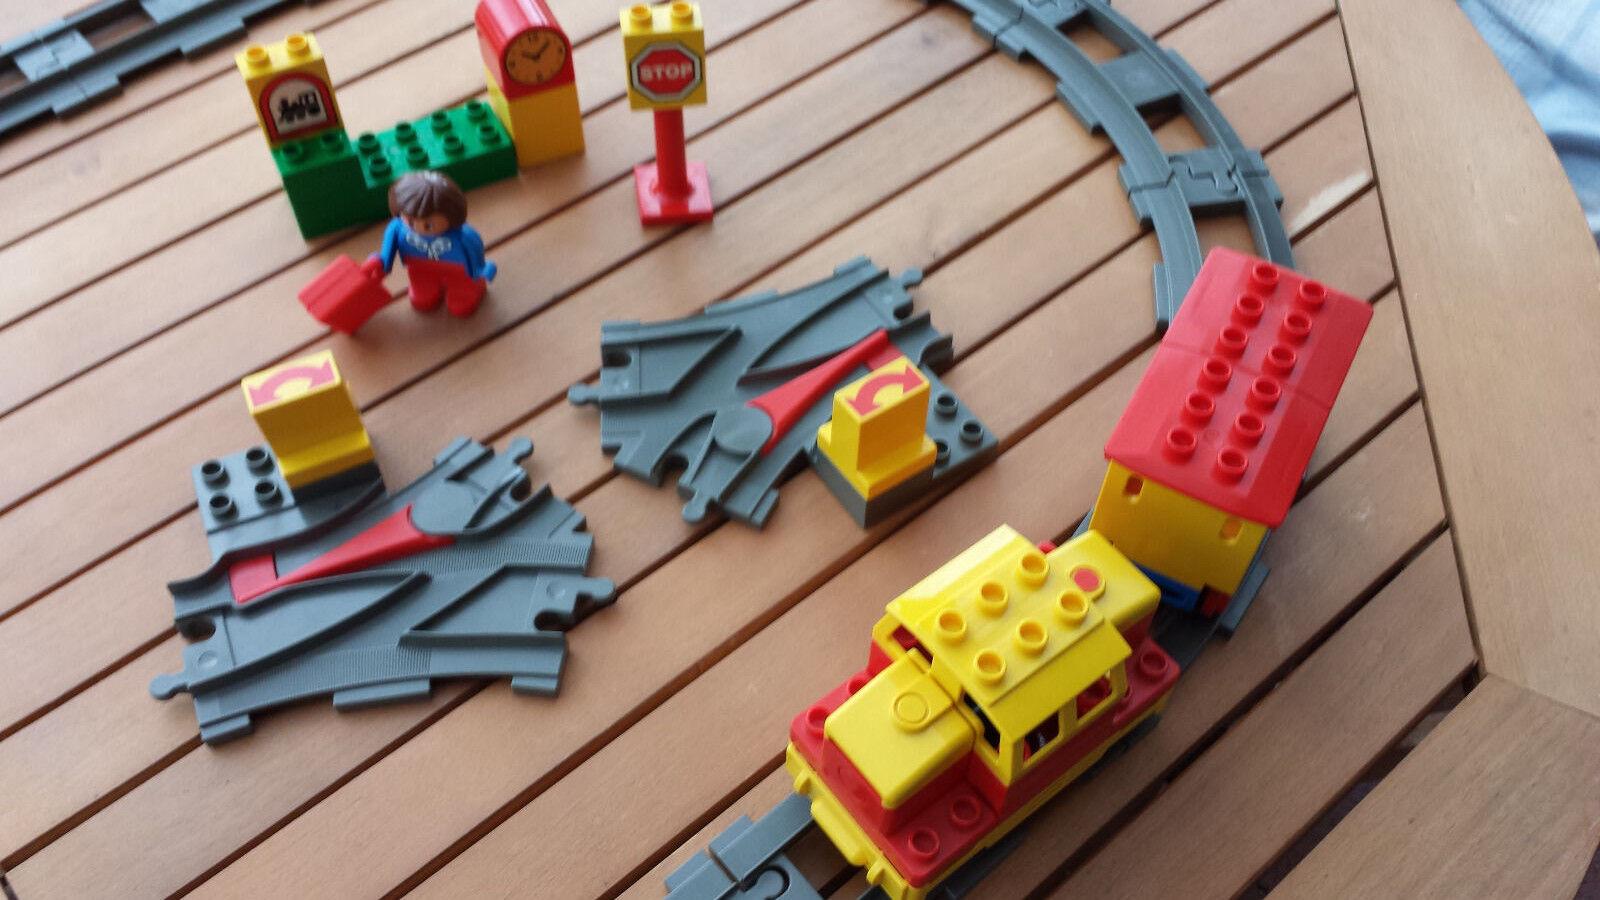 Tolle elekt. LEGO Duplo Eisenbahn Starterset Zubehör (2741) + Zubehör Starterset Rarität 76daf9